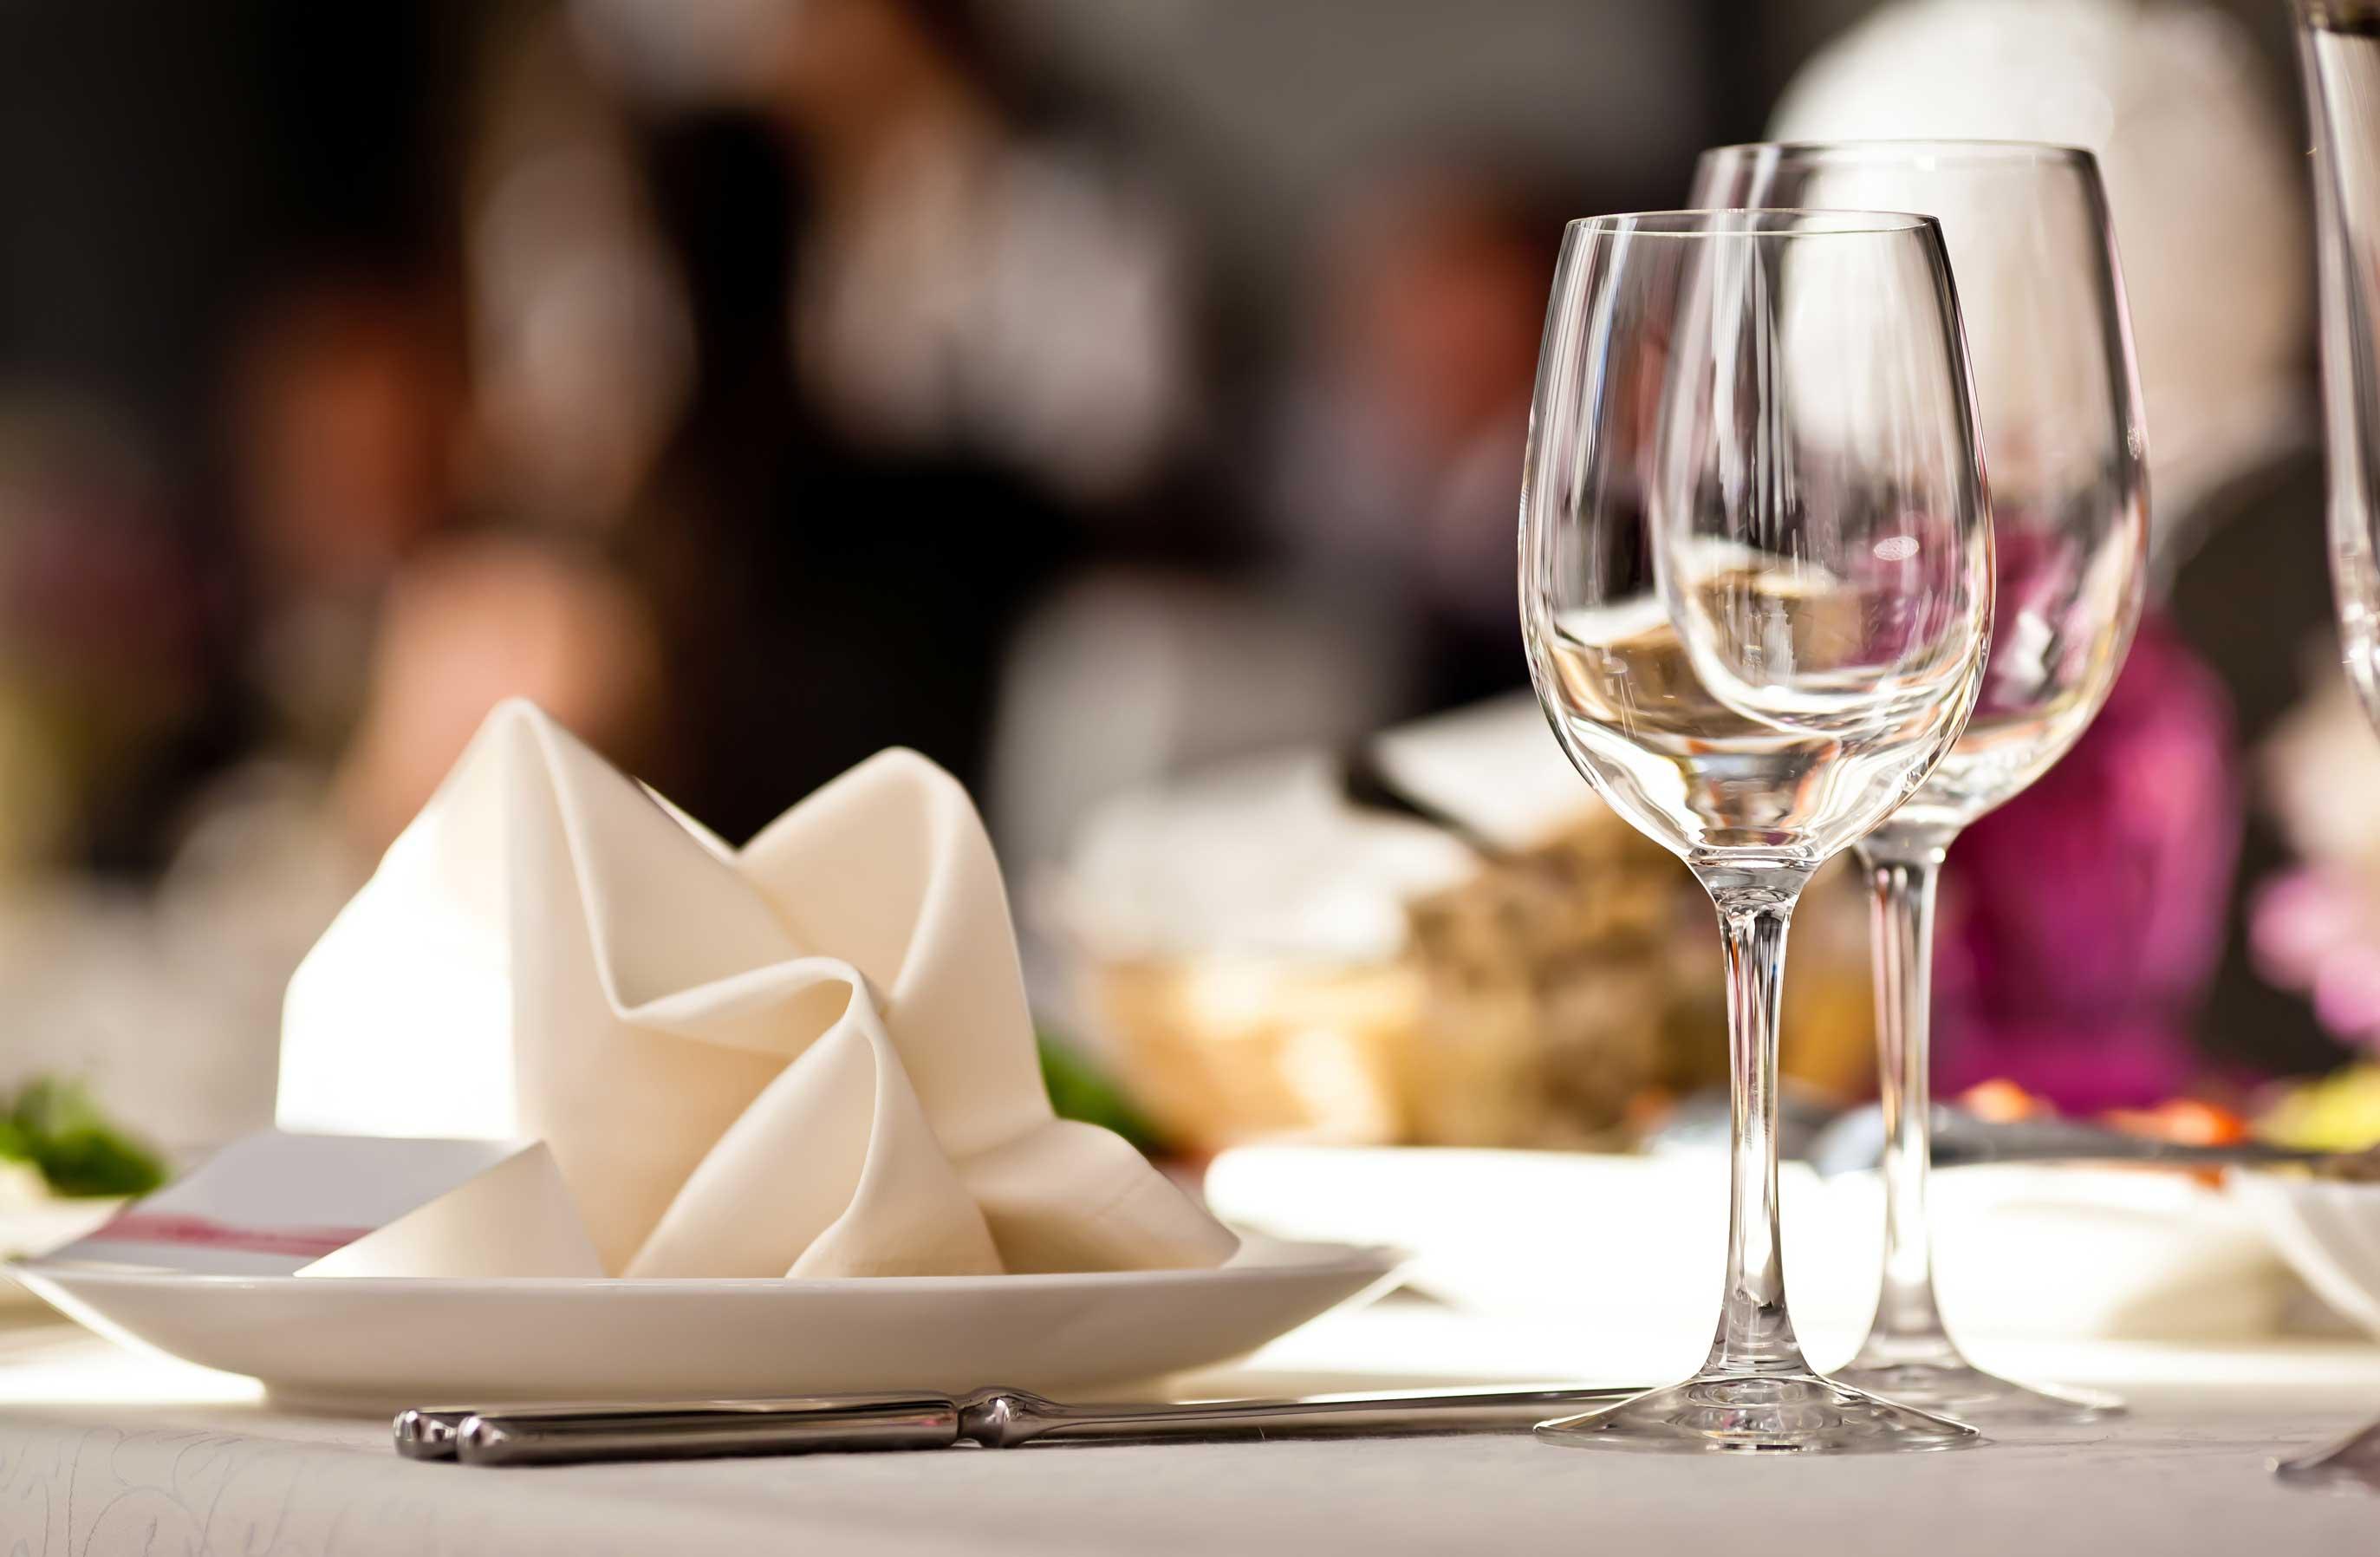 stock-photo-empty-glasses-set-in-restaurant-105118202.jpg